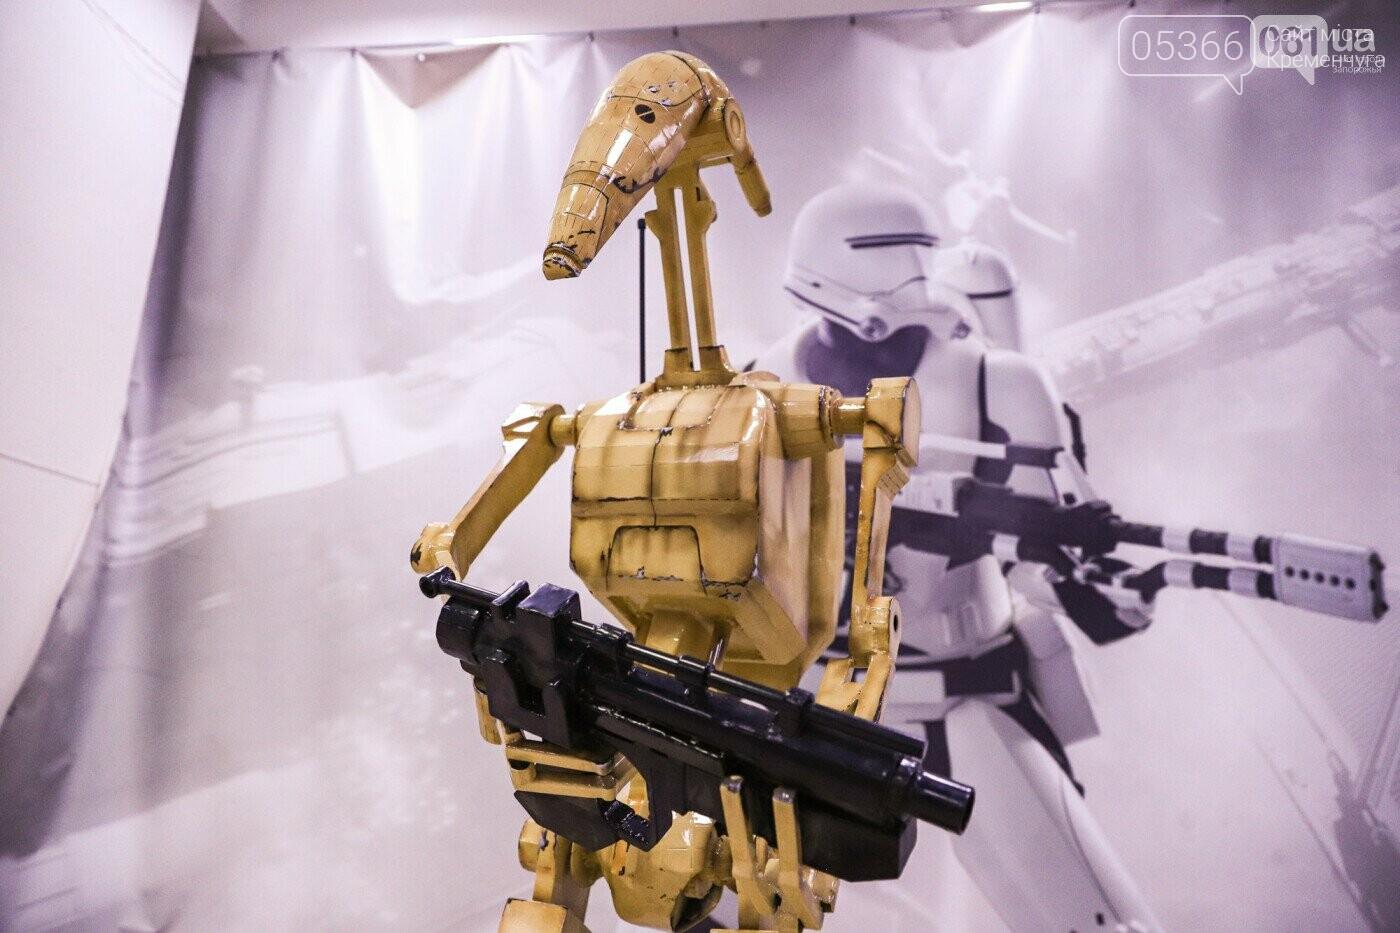 Звездолеты, роботы и Мастер Йода — в Кременчуге откроется крутая выставка, фото-9